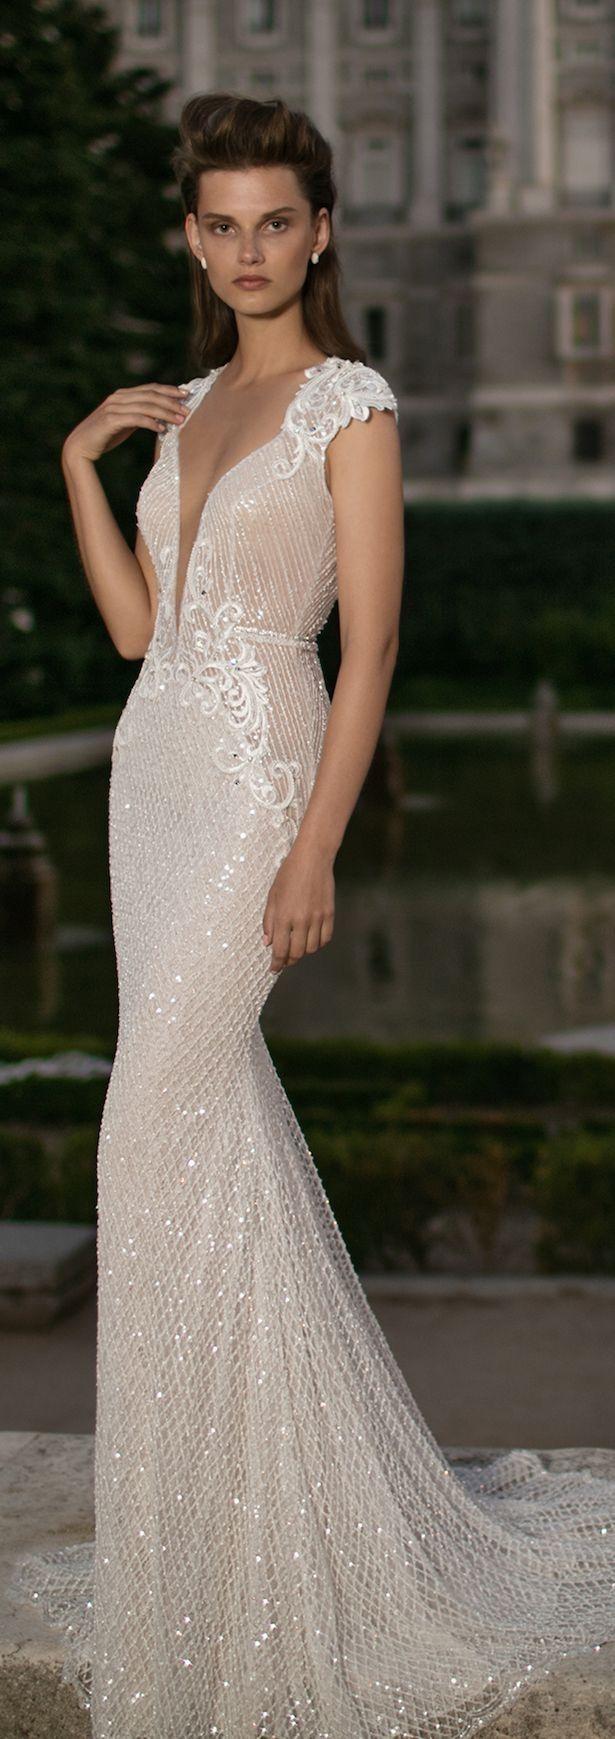 Vestido de noiva decotado e sexy: 8 inspirações arrasadoras